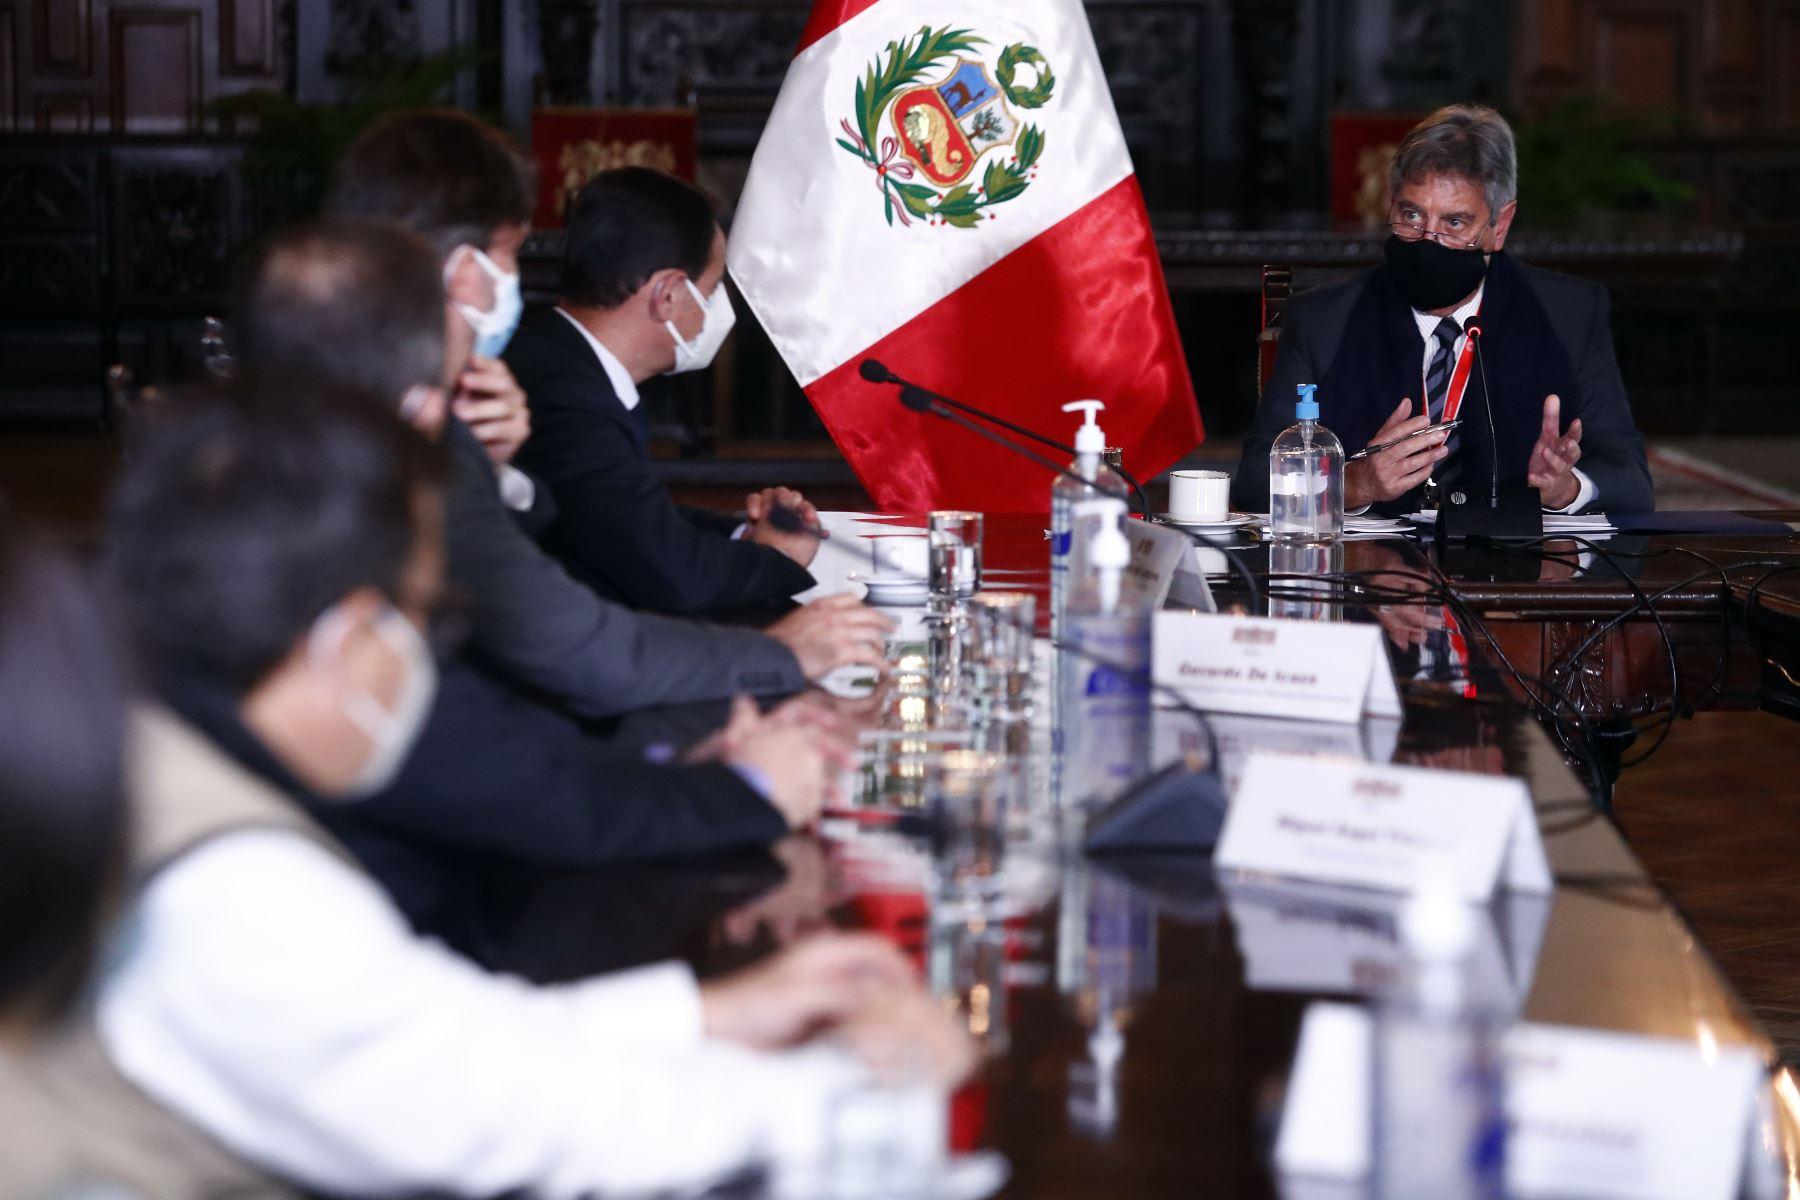 El presidente Francisco Sagasti recibe el informe del proceso electoral de la segunda vuelta a cargo de la Misión de Observación Electoral de la OEA, liderado por el jefe de la Misión, Rubén Ramírez. Foto: ANDINA/Prensa Presidencia